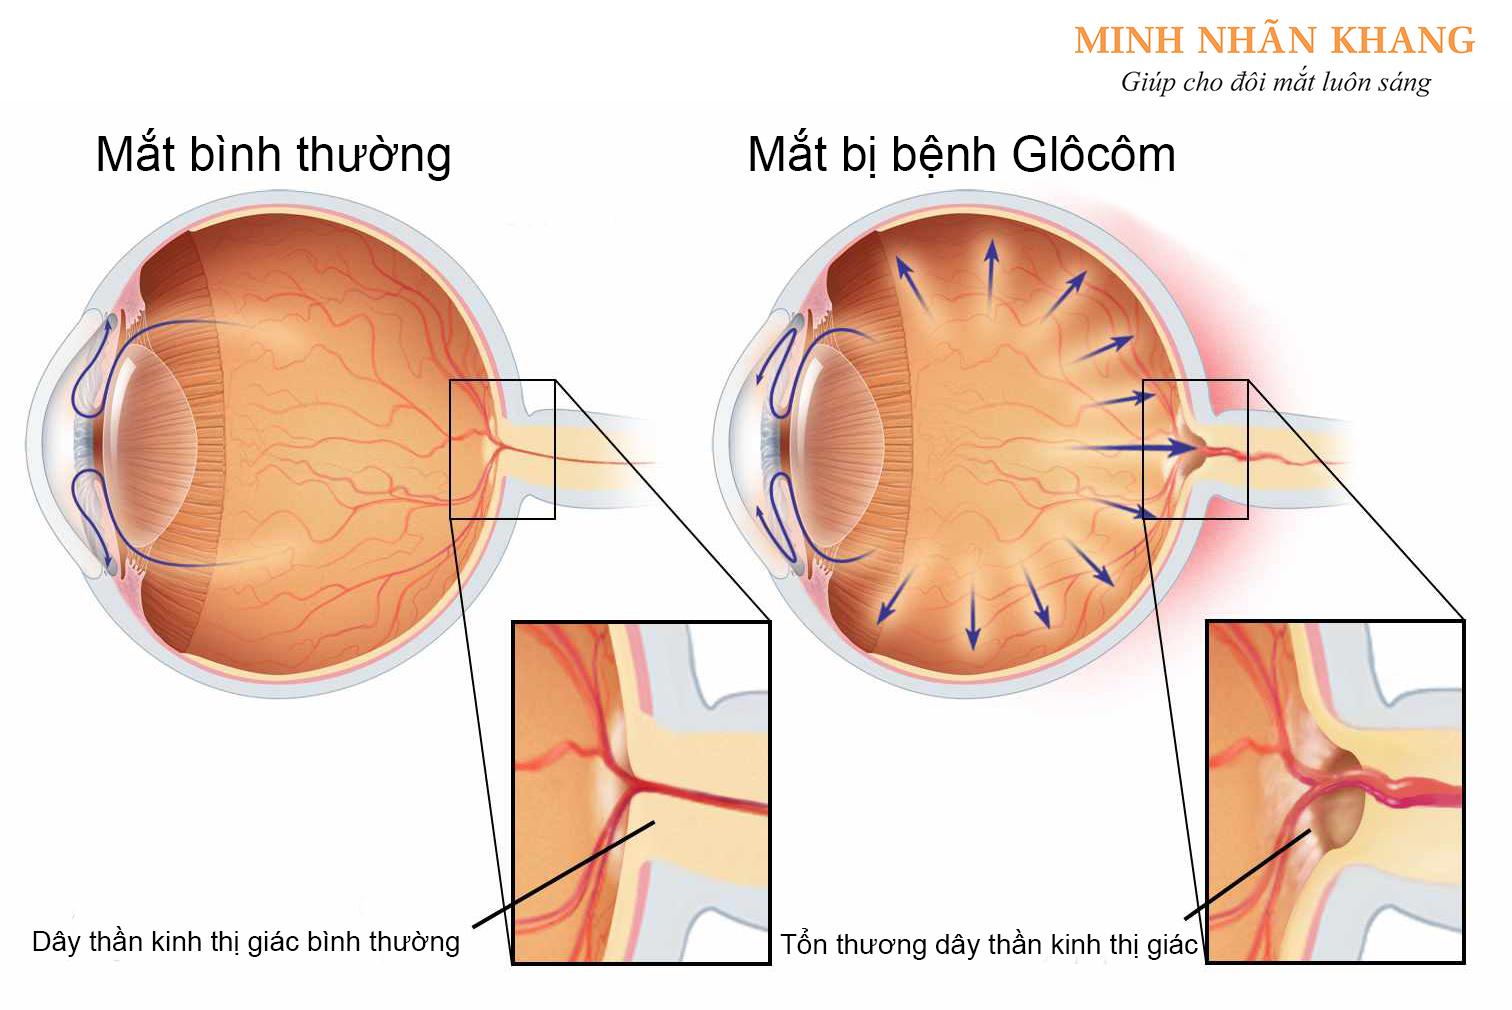 Glocom làm tổn thương dây thần kinh thị giác gây giảm thị lực ở người bệnh